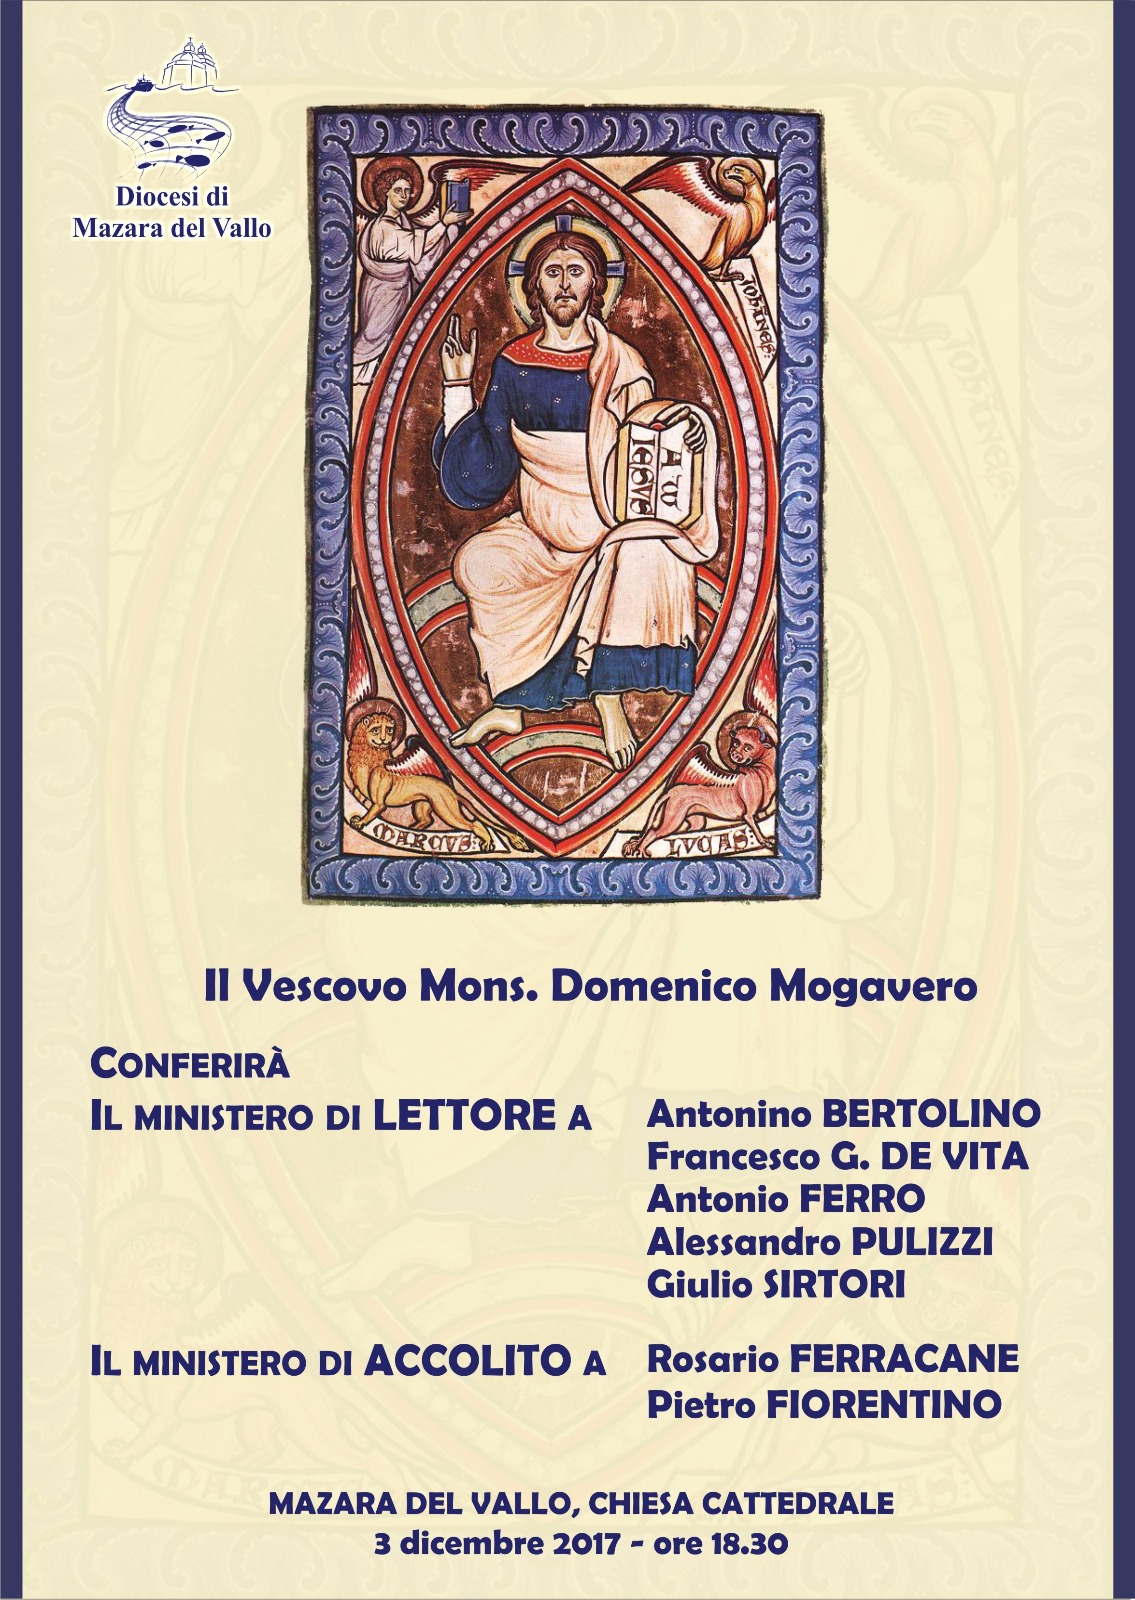 Mazara del Vallo, Lettorato e Accolitato a sette laici - Diocesi Mazara del  Vallo